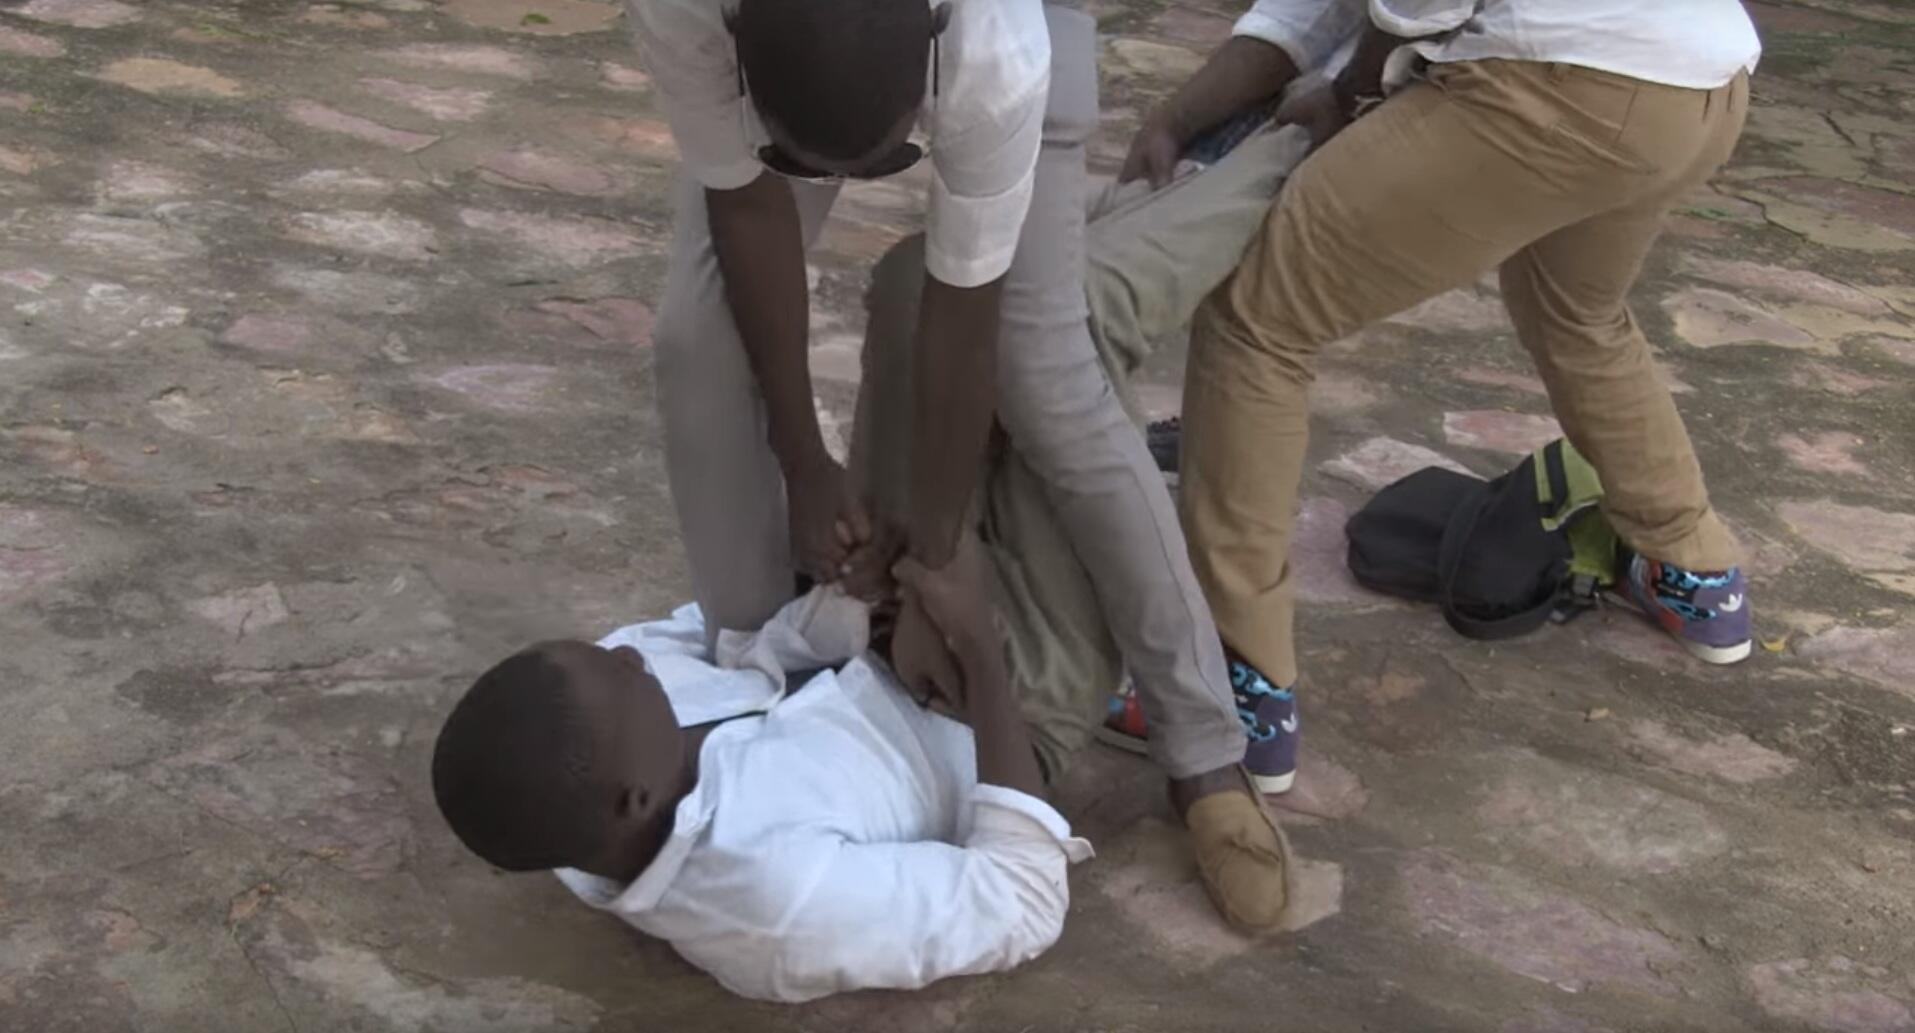 """Dans un court-métrage réalisé lors d'un atelier au Mali, un jeune homme homosexuel est violenté lors de la récréation dans son école. Capture d'écran vidéo """"les Ateliers du regard"""""""